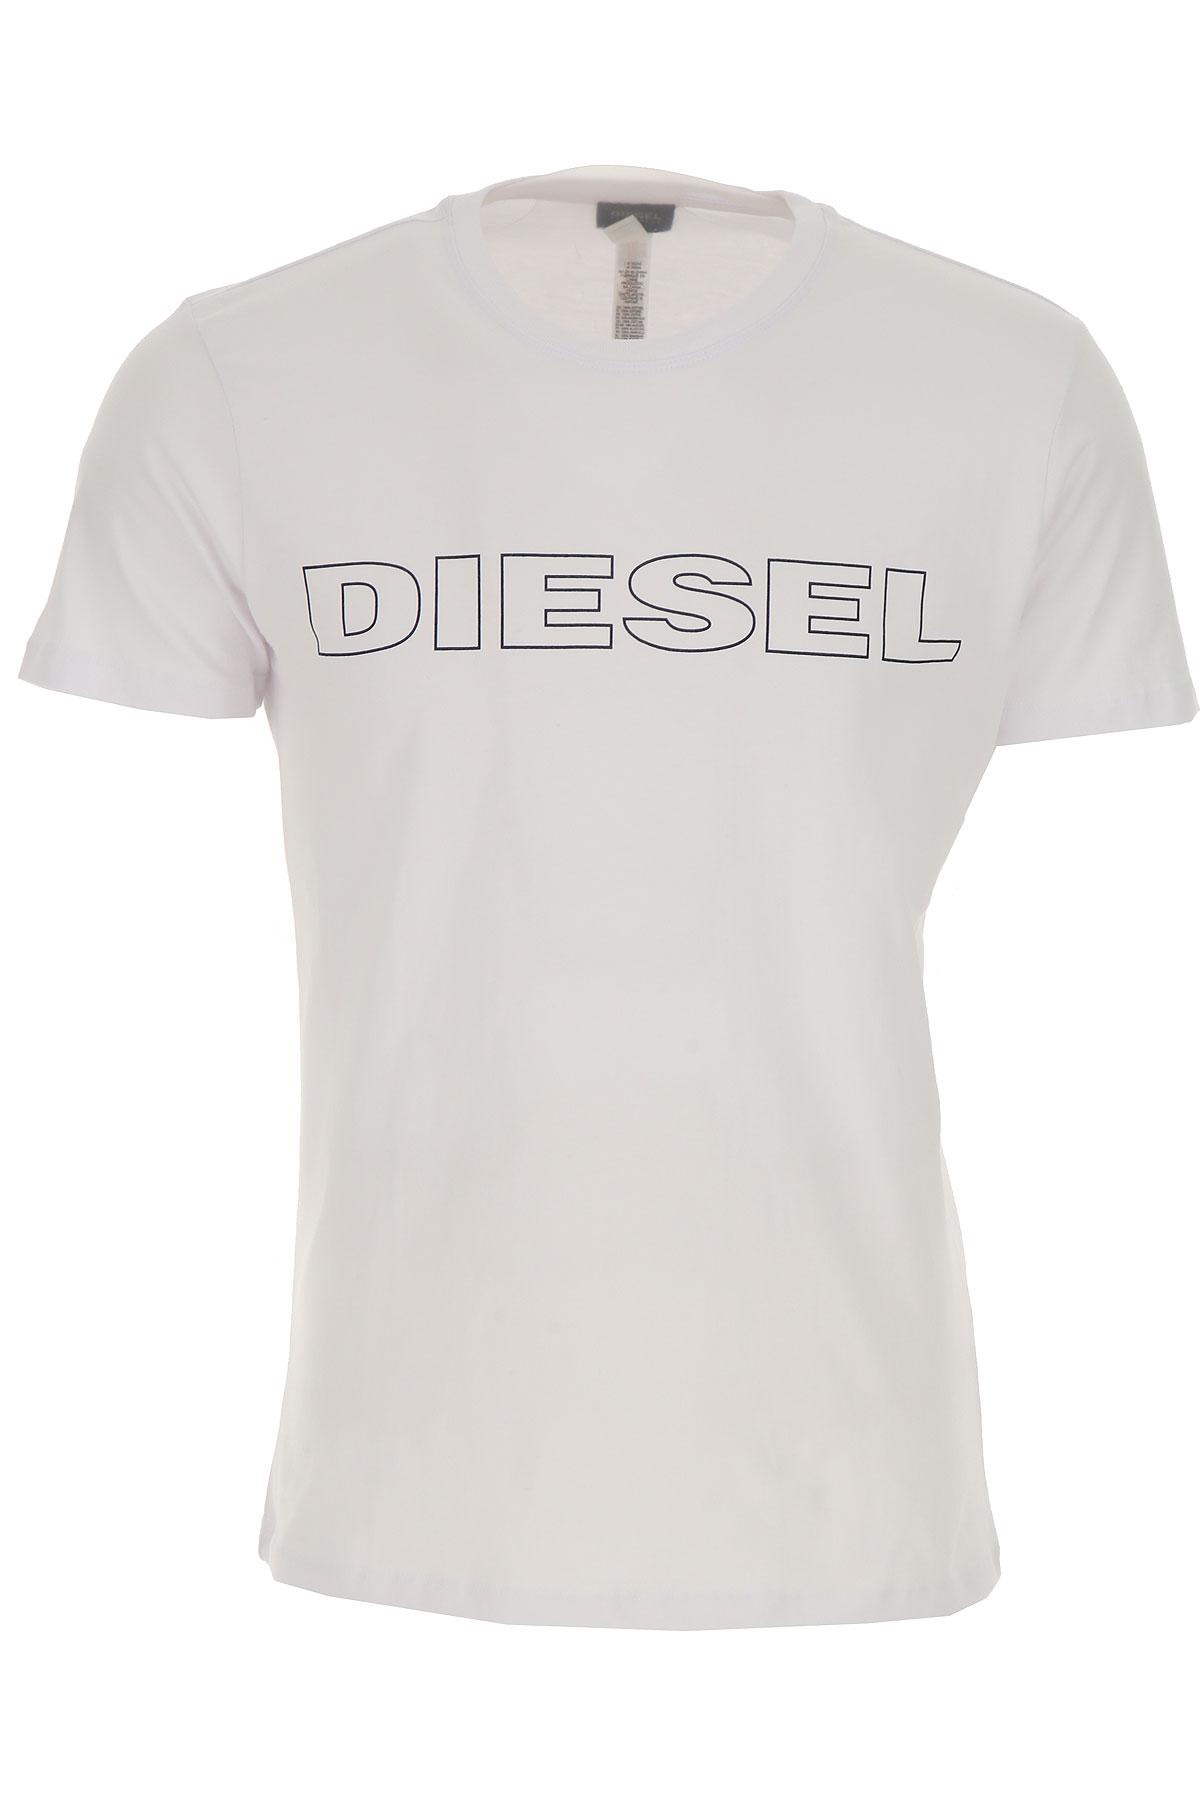 Diesel Мужская майка В продаже со скидкой, Белый, Хлопок, 2019, L S